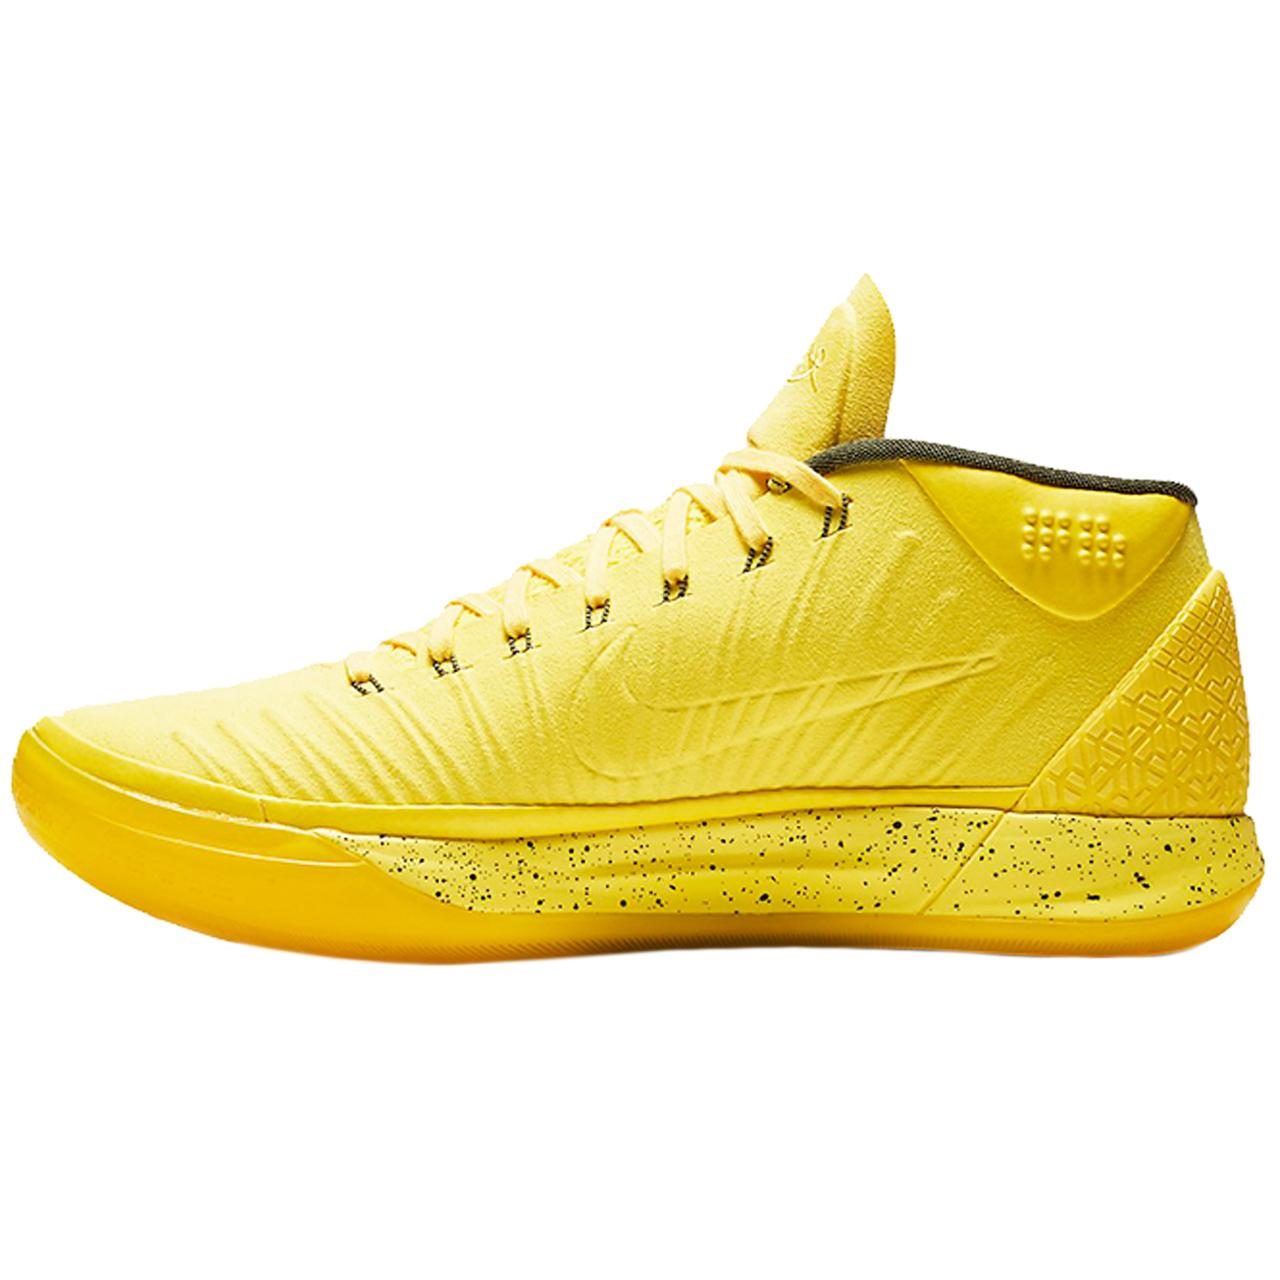 قیمت کفش ورزشی مخصوص دویدن و پیاده روی مردانه نایکی مدل  Kobe Yellow